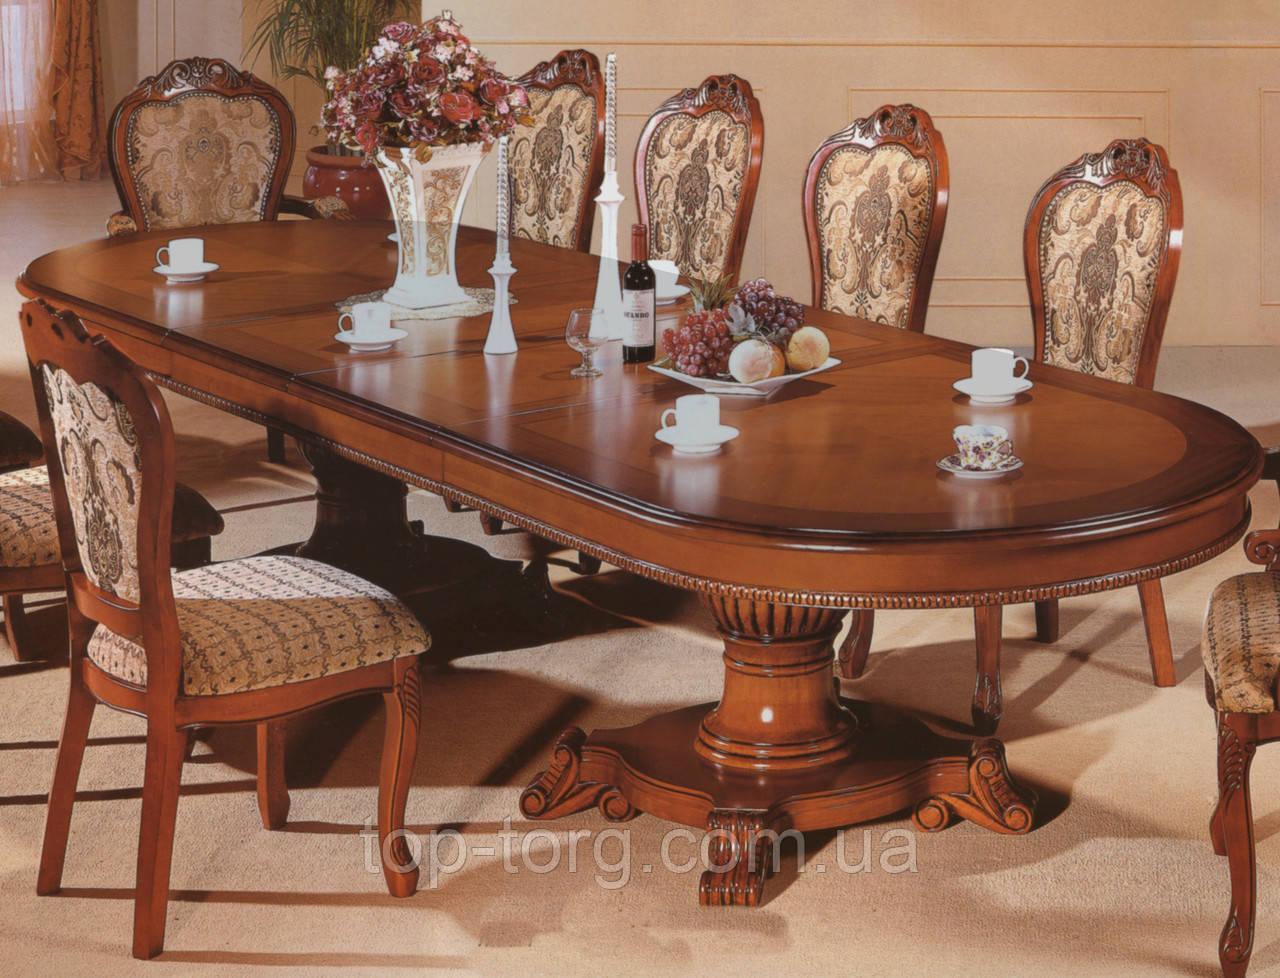 Стол большой JF-809, JF809, JF 809, классический, деревянный, в гостинную, раскладной, престижный